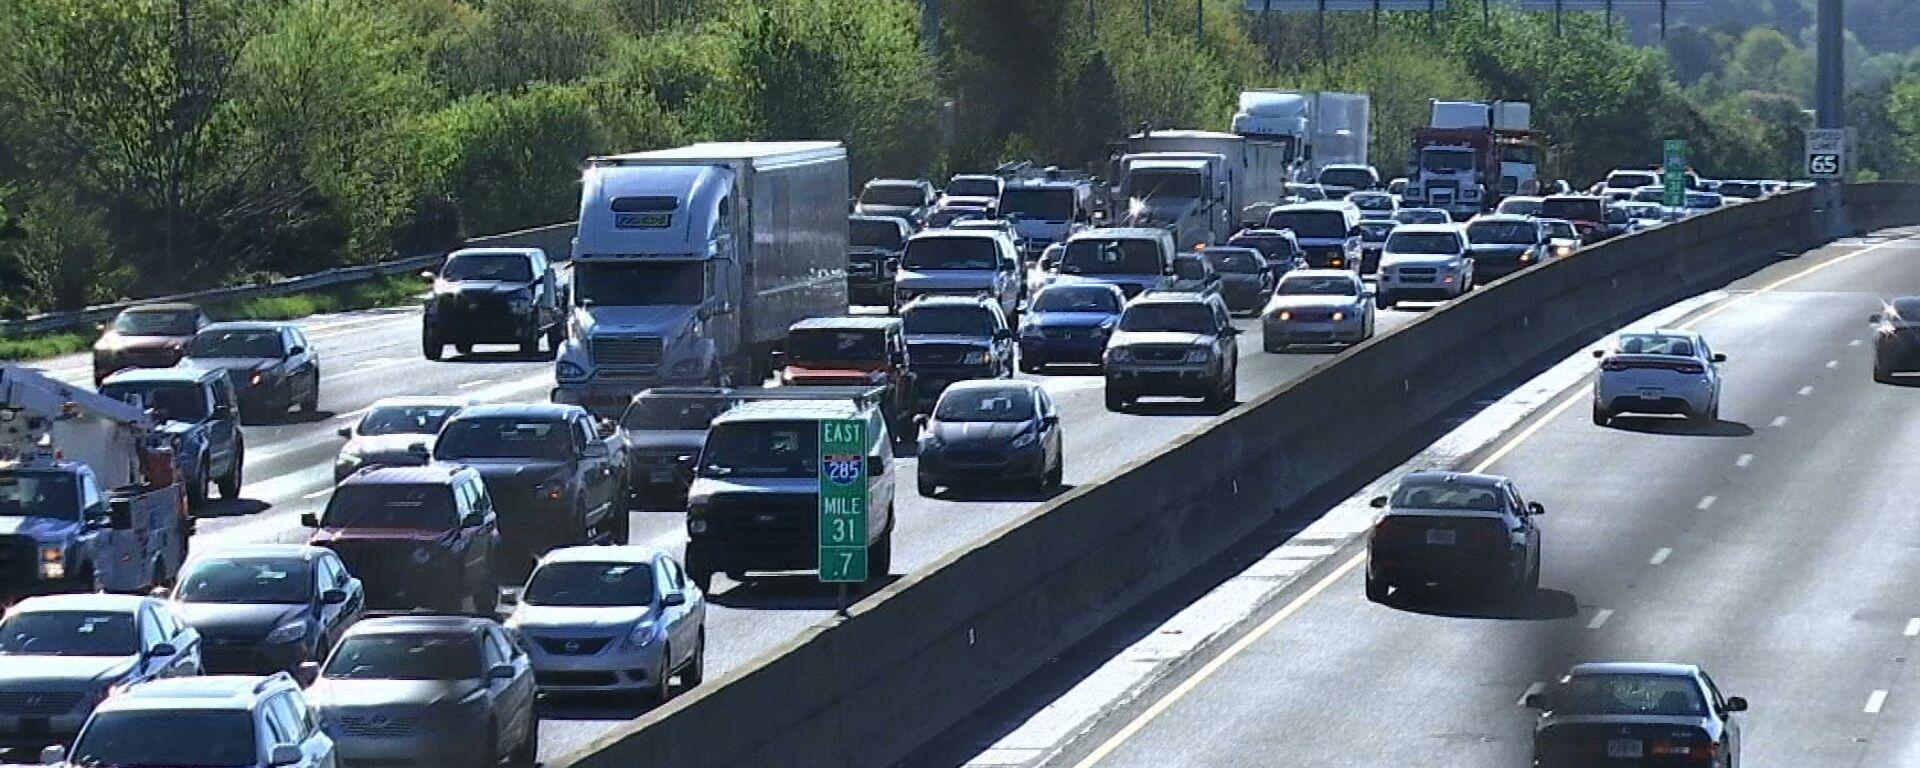 Traffico su un'autostrada - Sputnik Italia, 1920, 07.09.2021